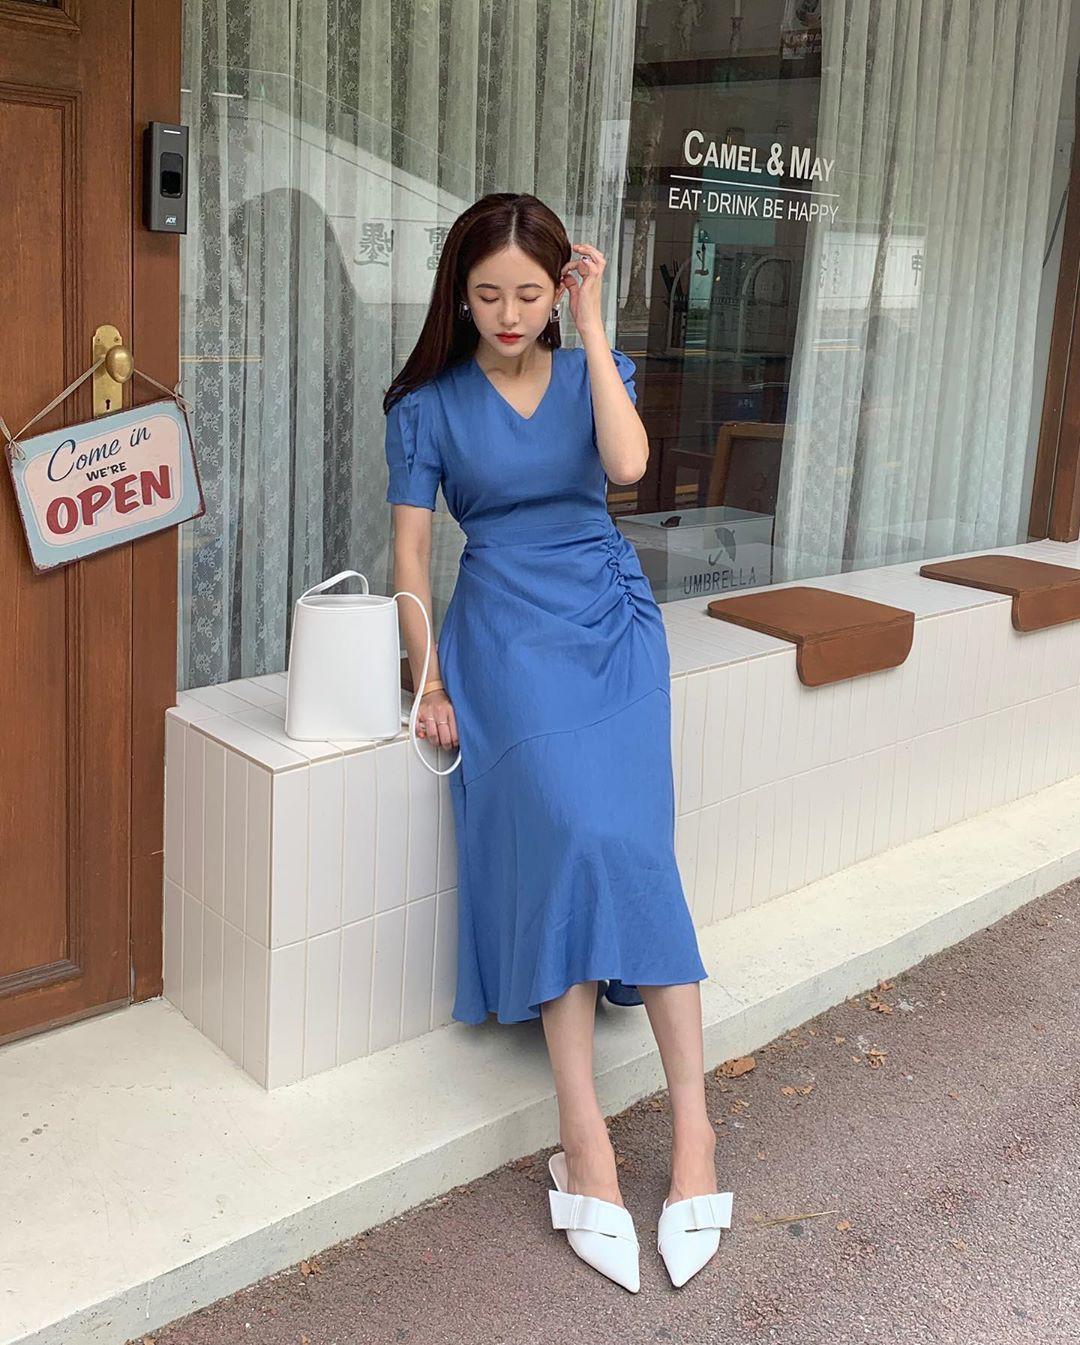 Street style châu Á: 12 set đồ đơn giản nhưng lại giúp phong cách của bạn lên hương - Ảnh 7.